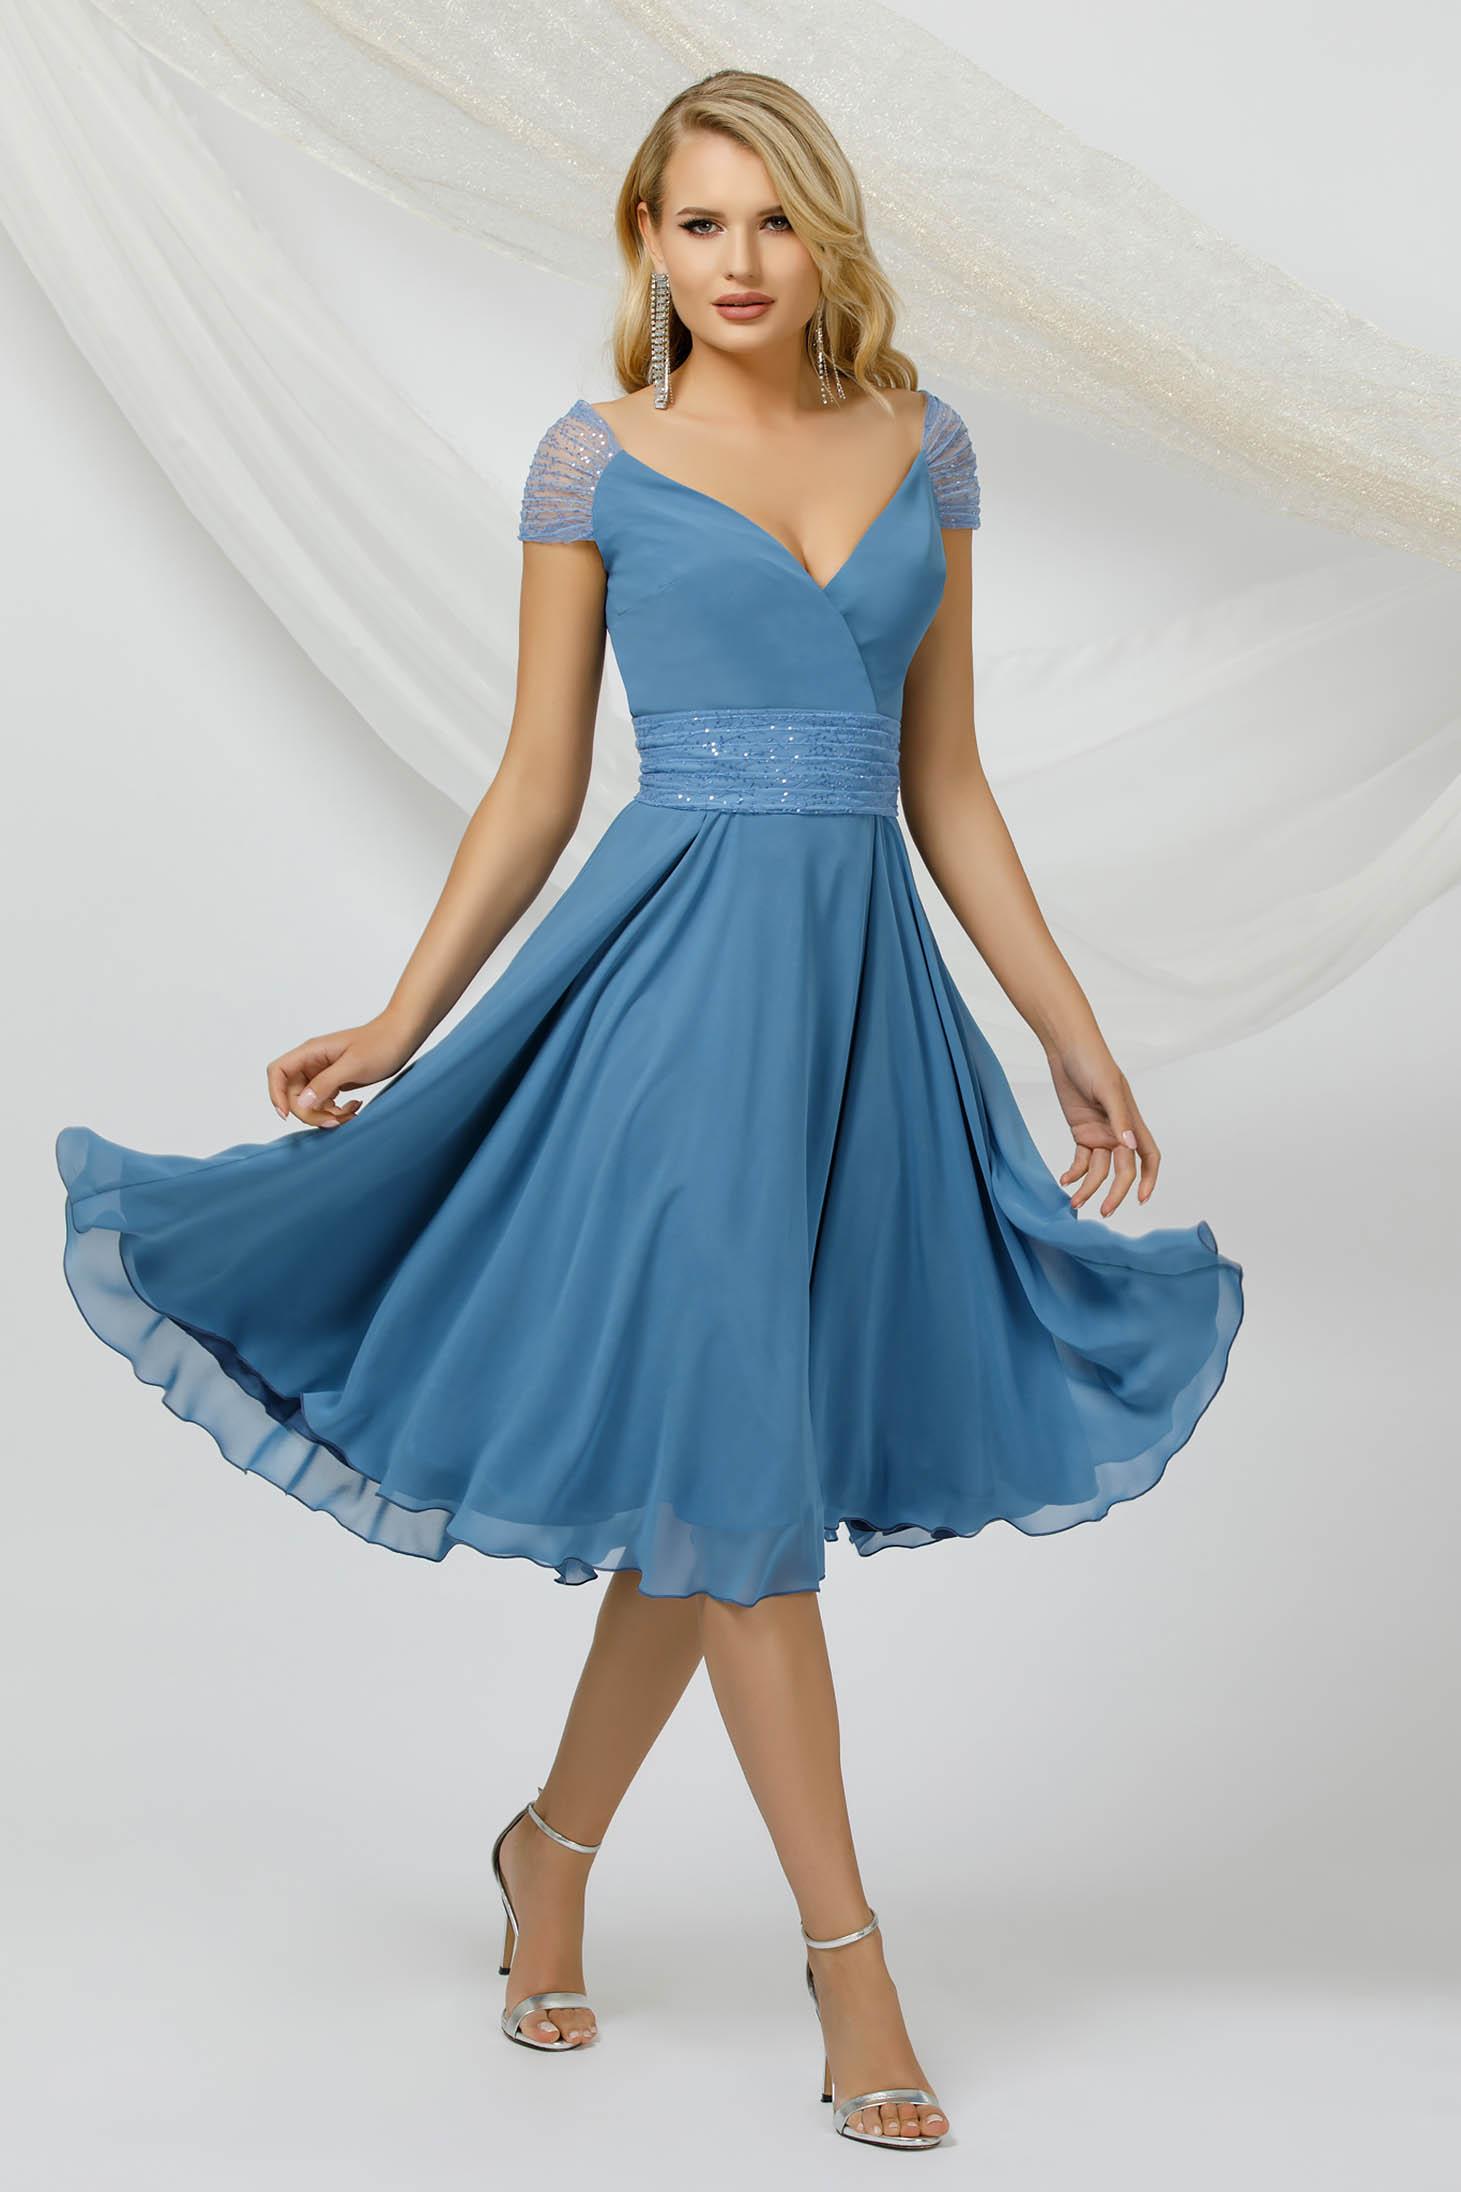 Alkalmi midi kék ruha vékony muszlinból flitteres díszítéssel